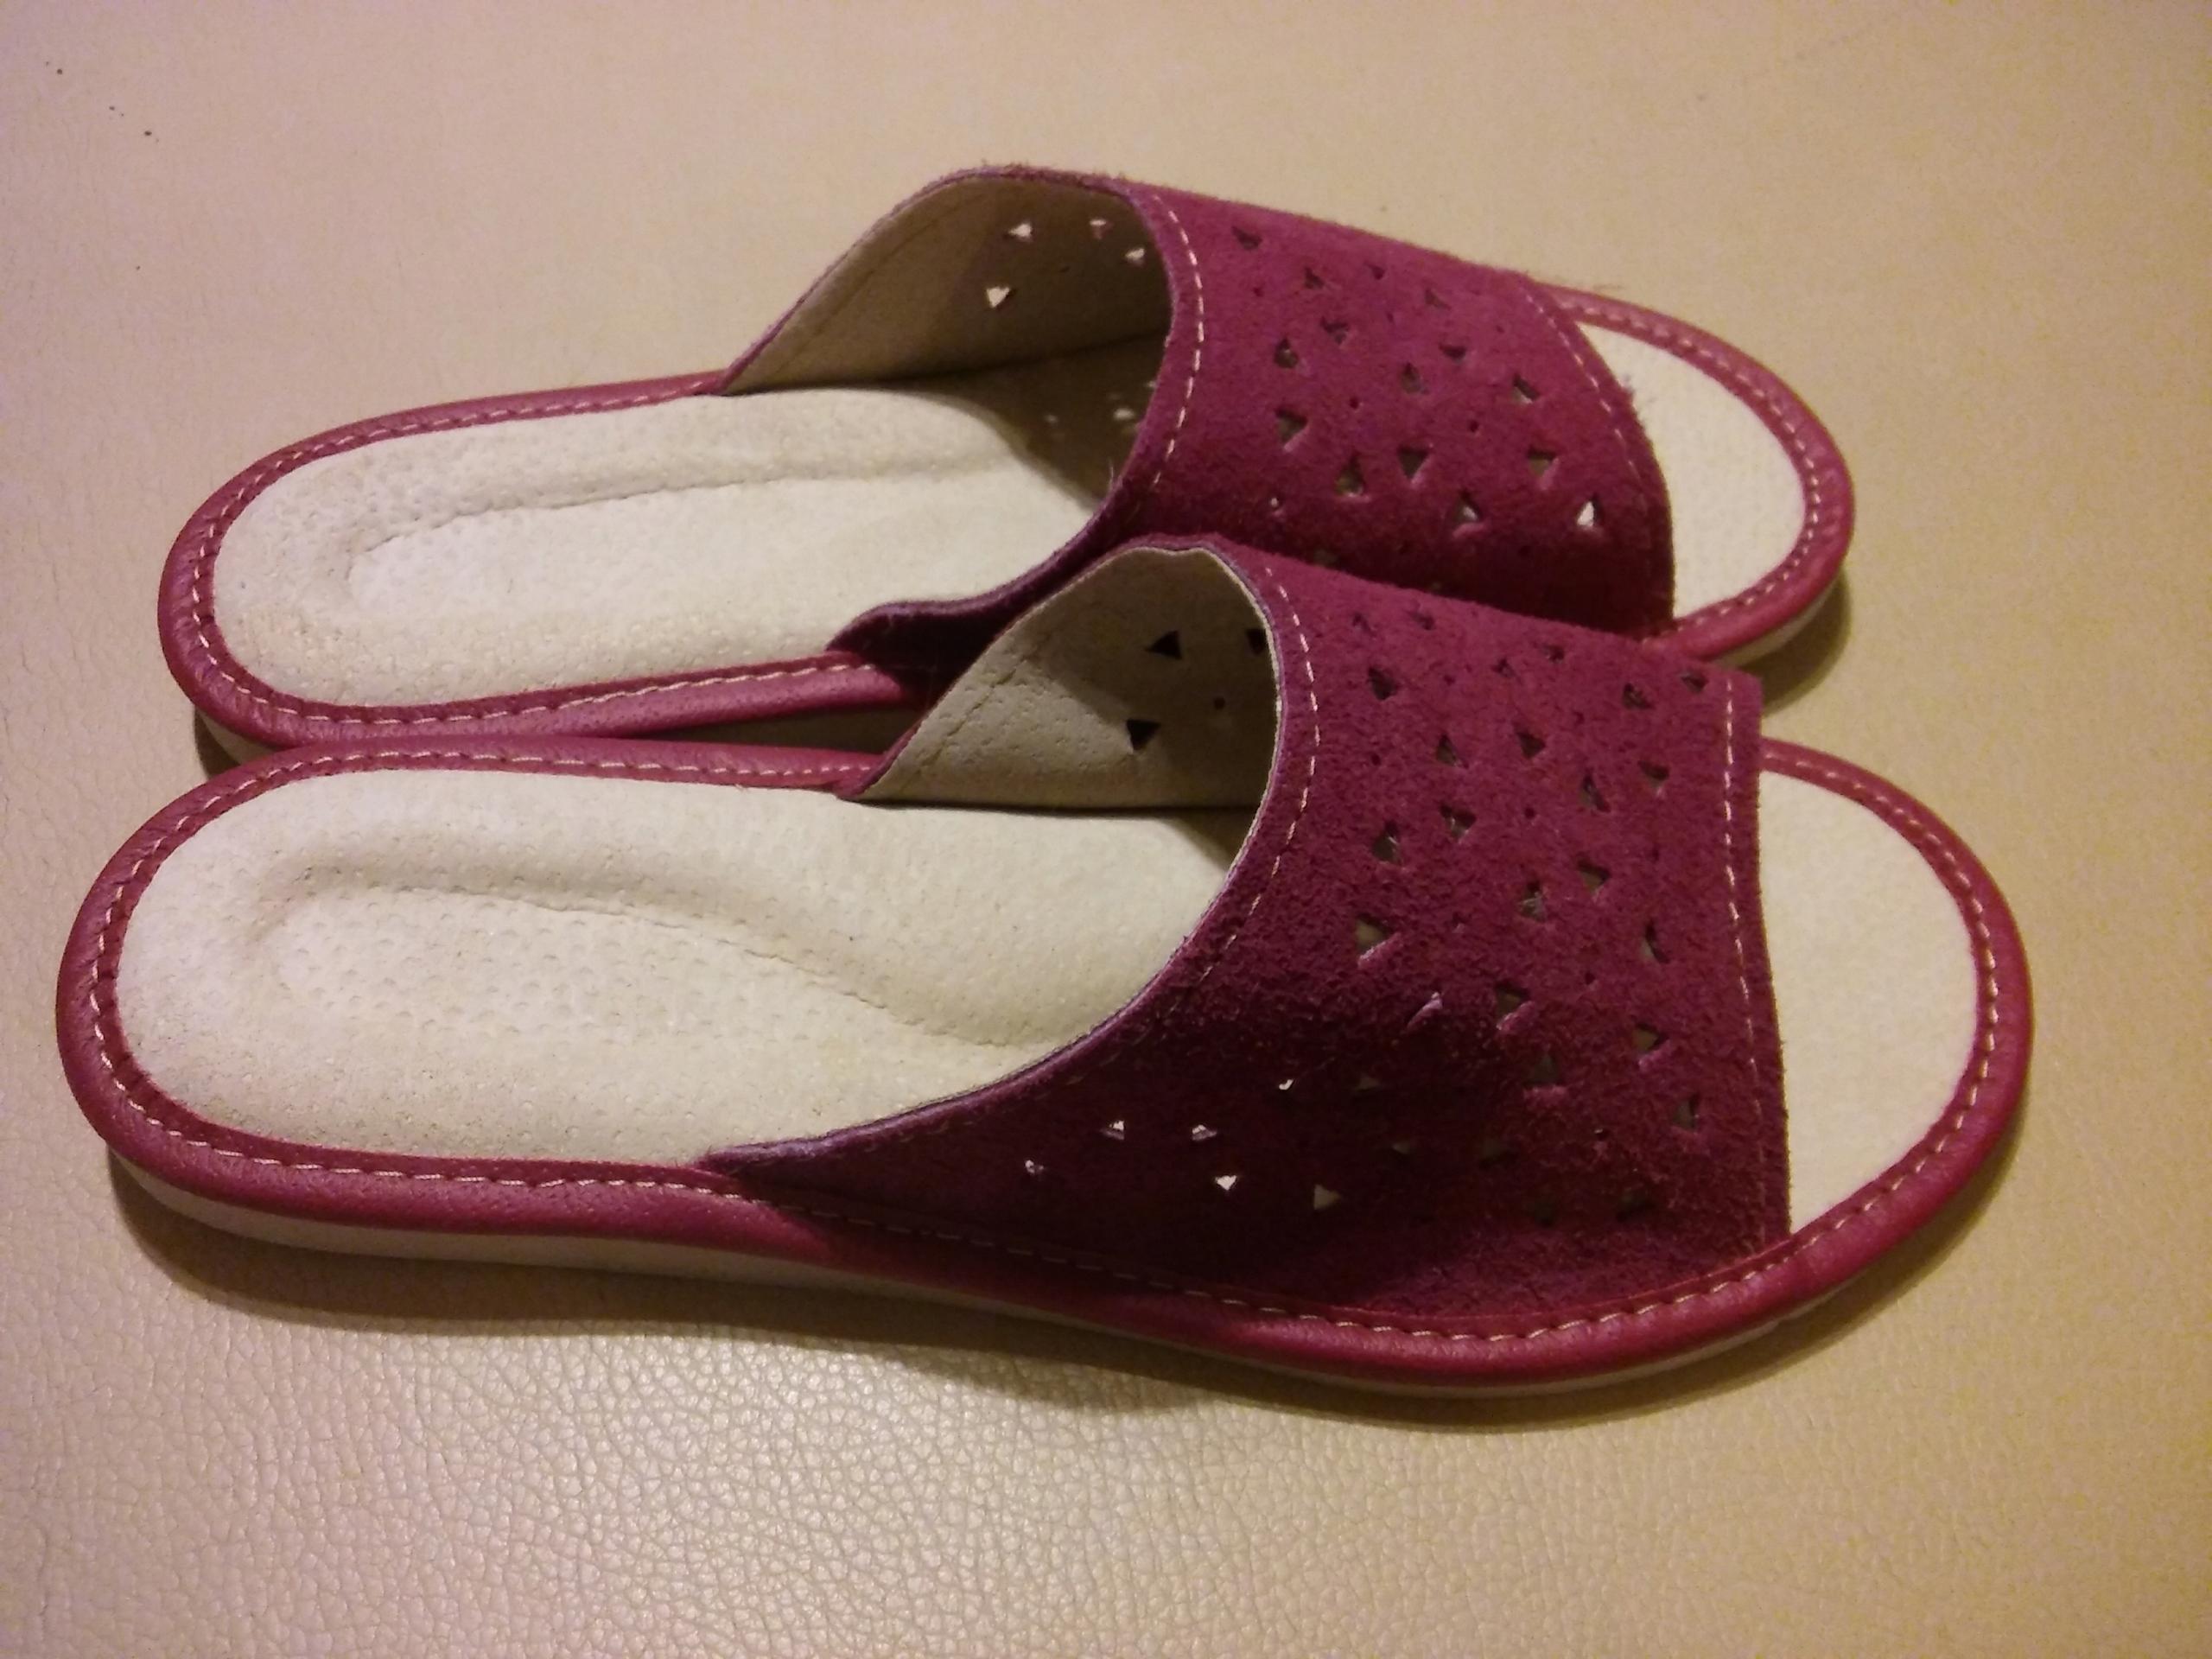 Damskie klapki pantofle skórzane laczki 35 wygodne